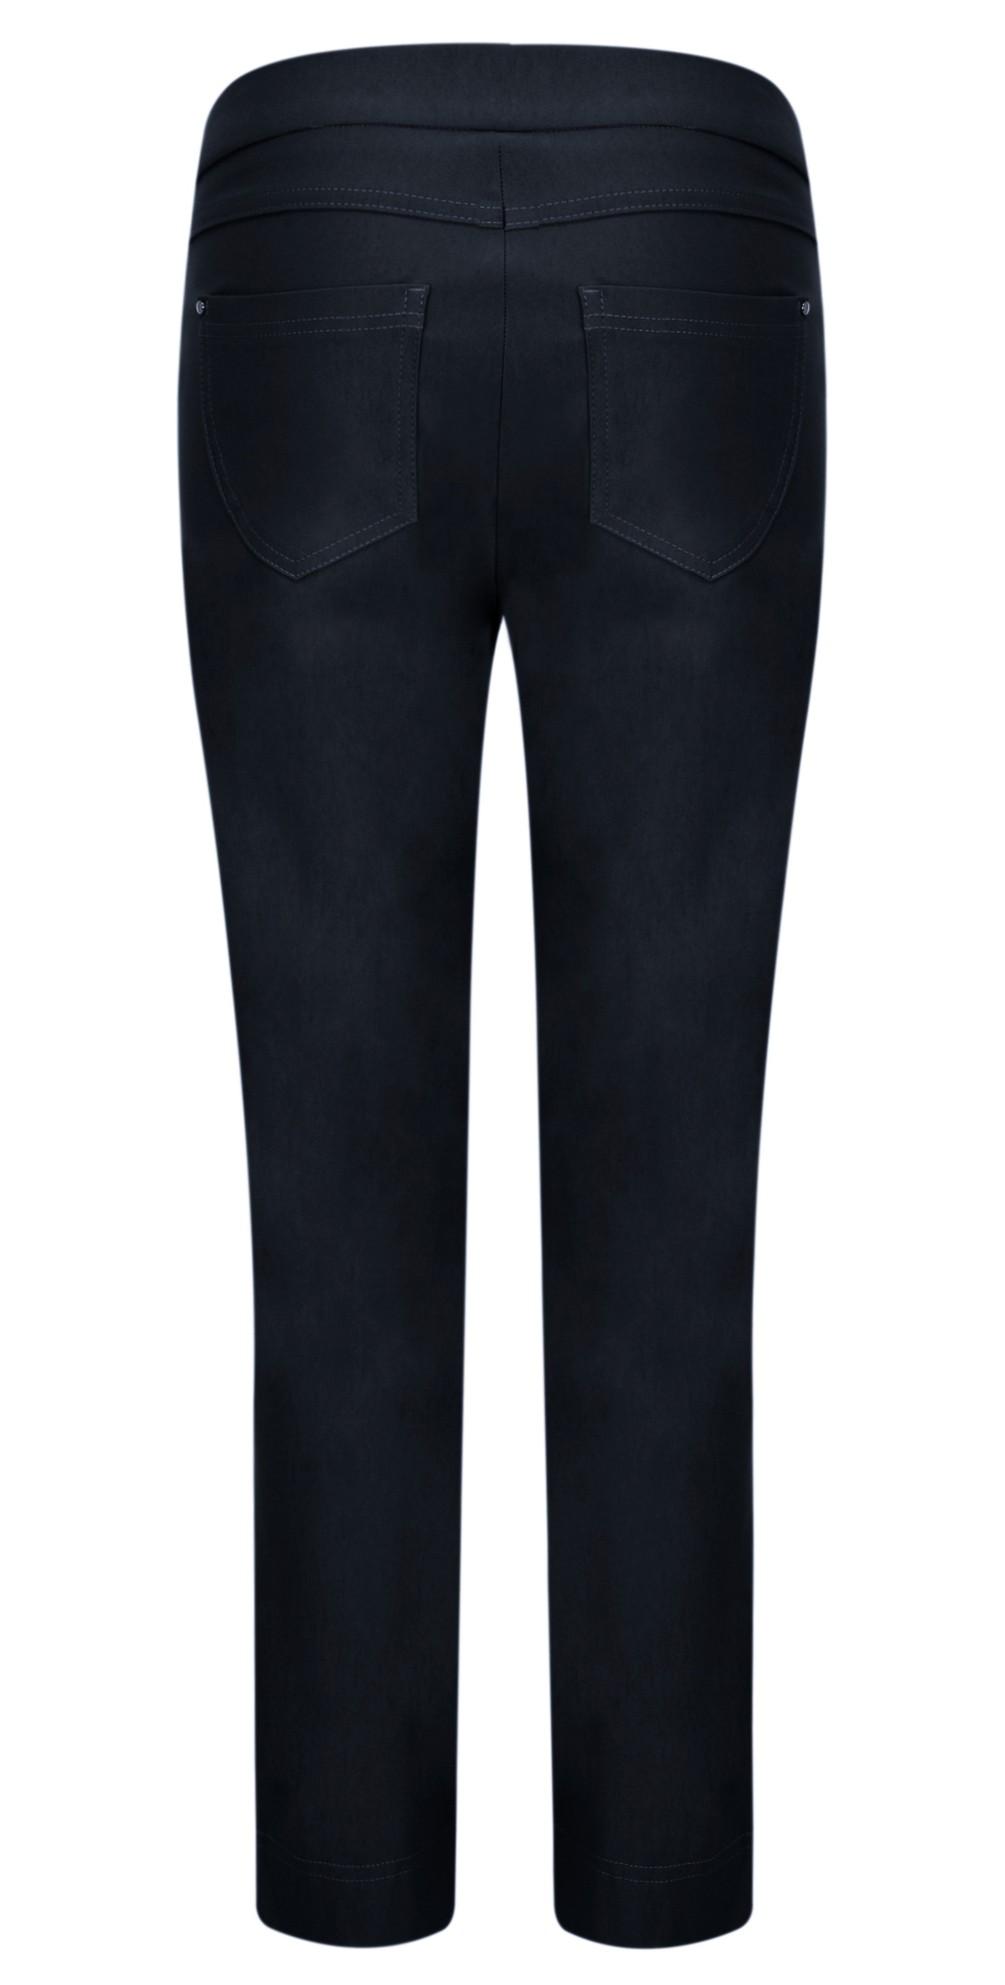 Nena 09 Navy Slimfit Fleece Lined Ankle Length Trouser main image